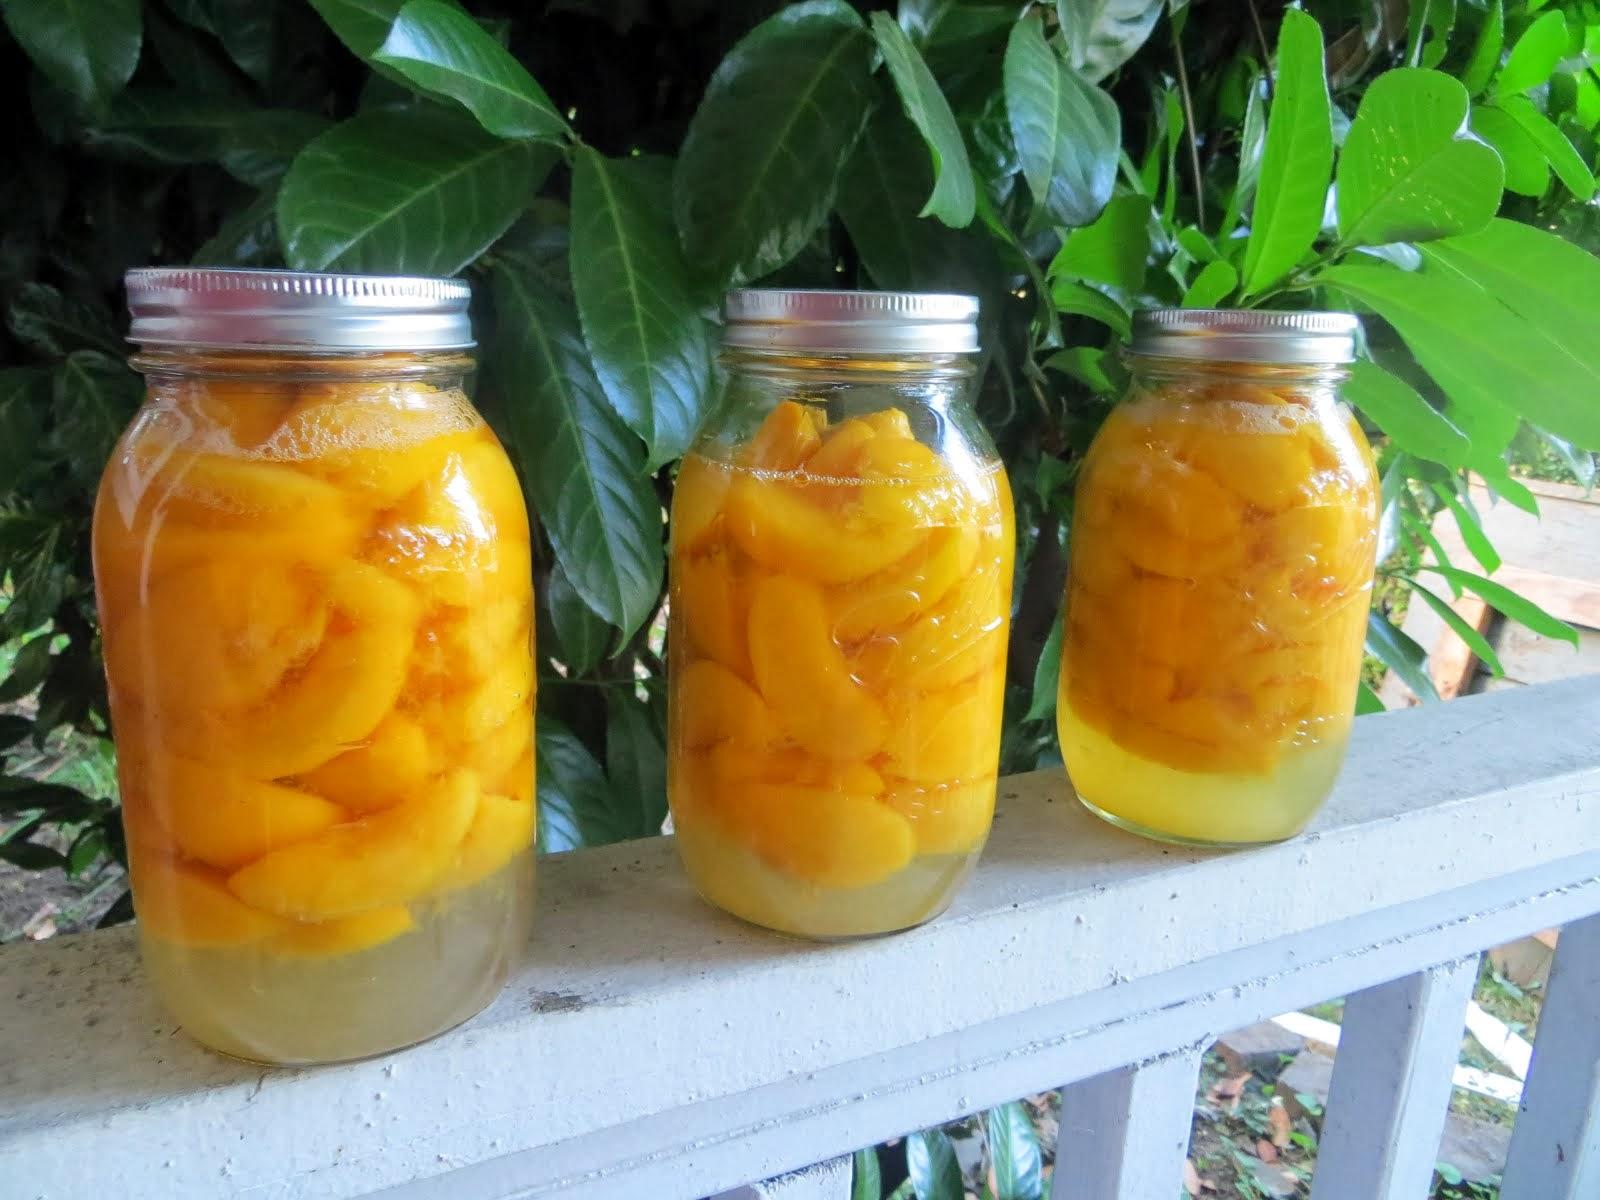 Canning & Food Preservation